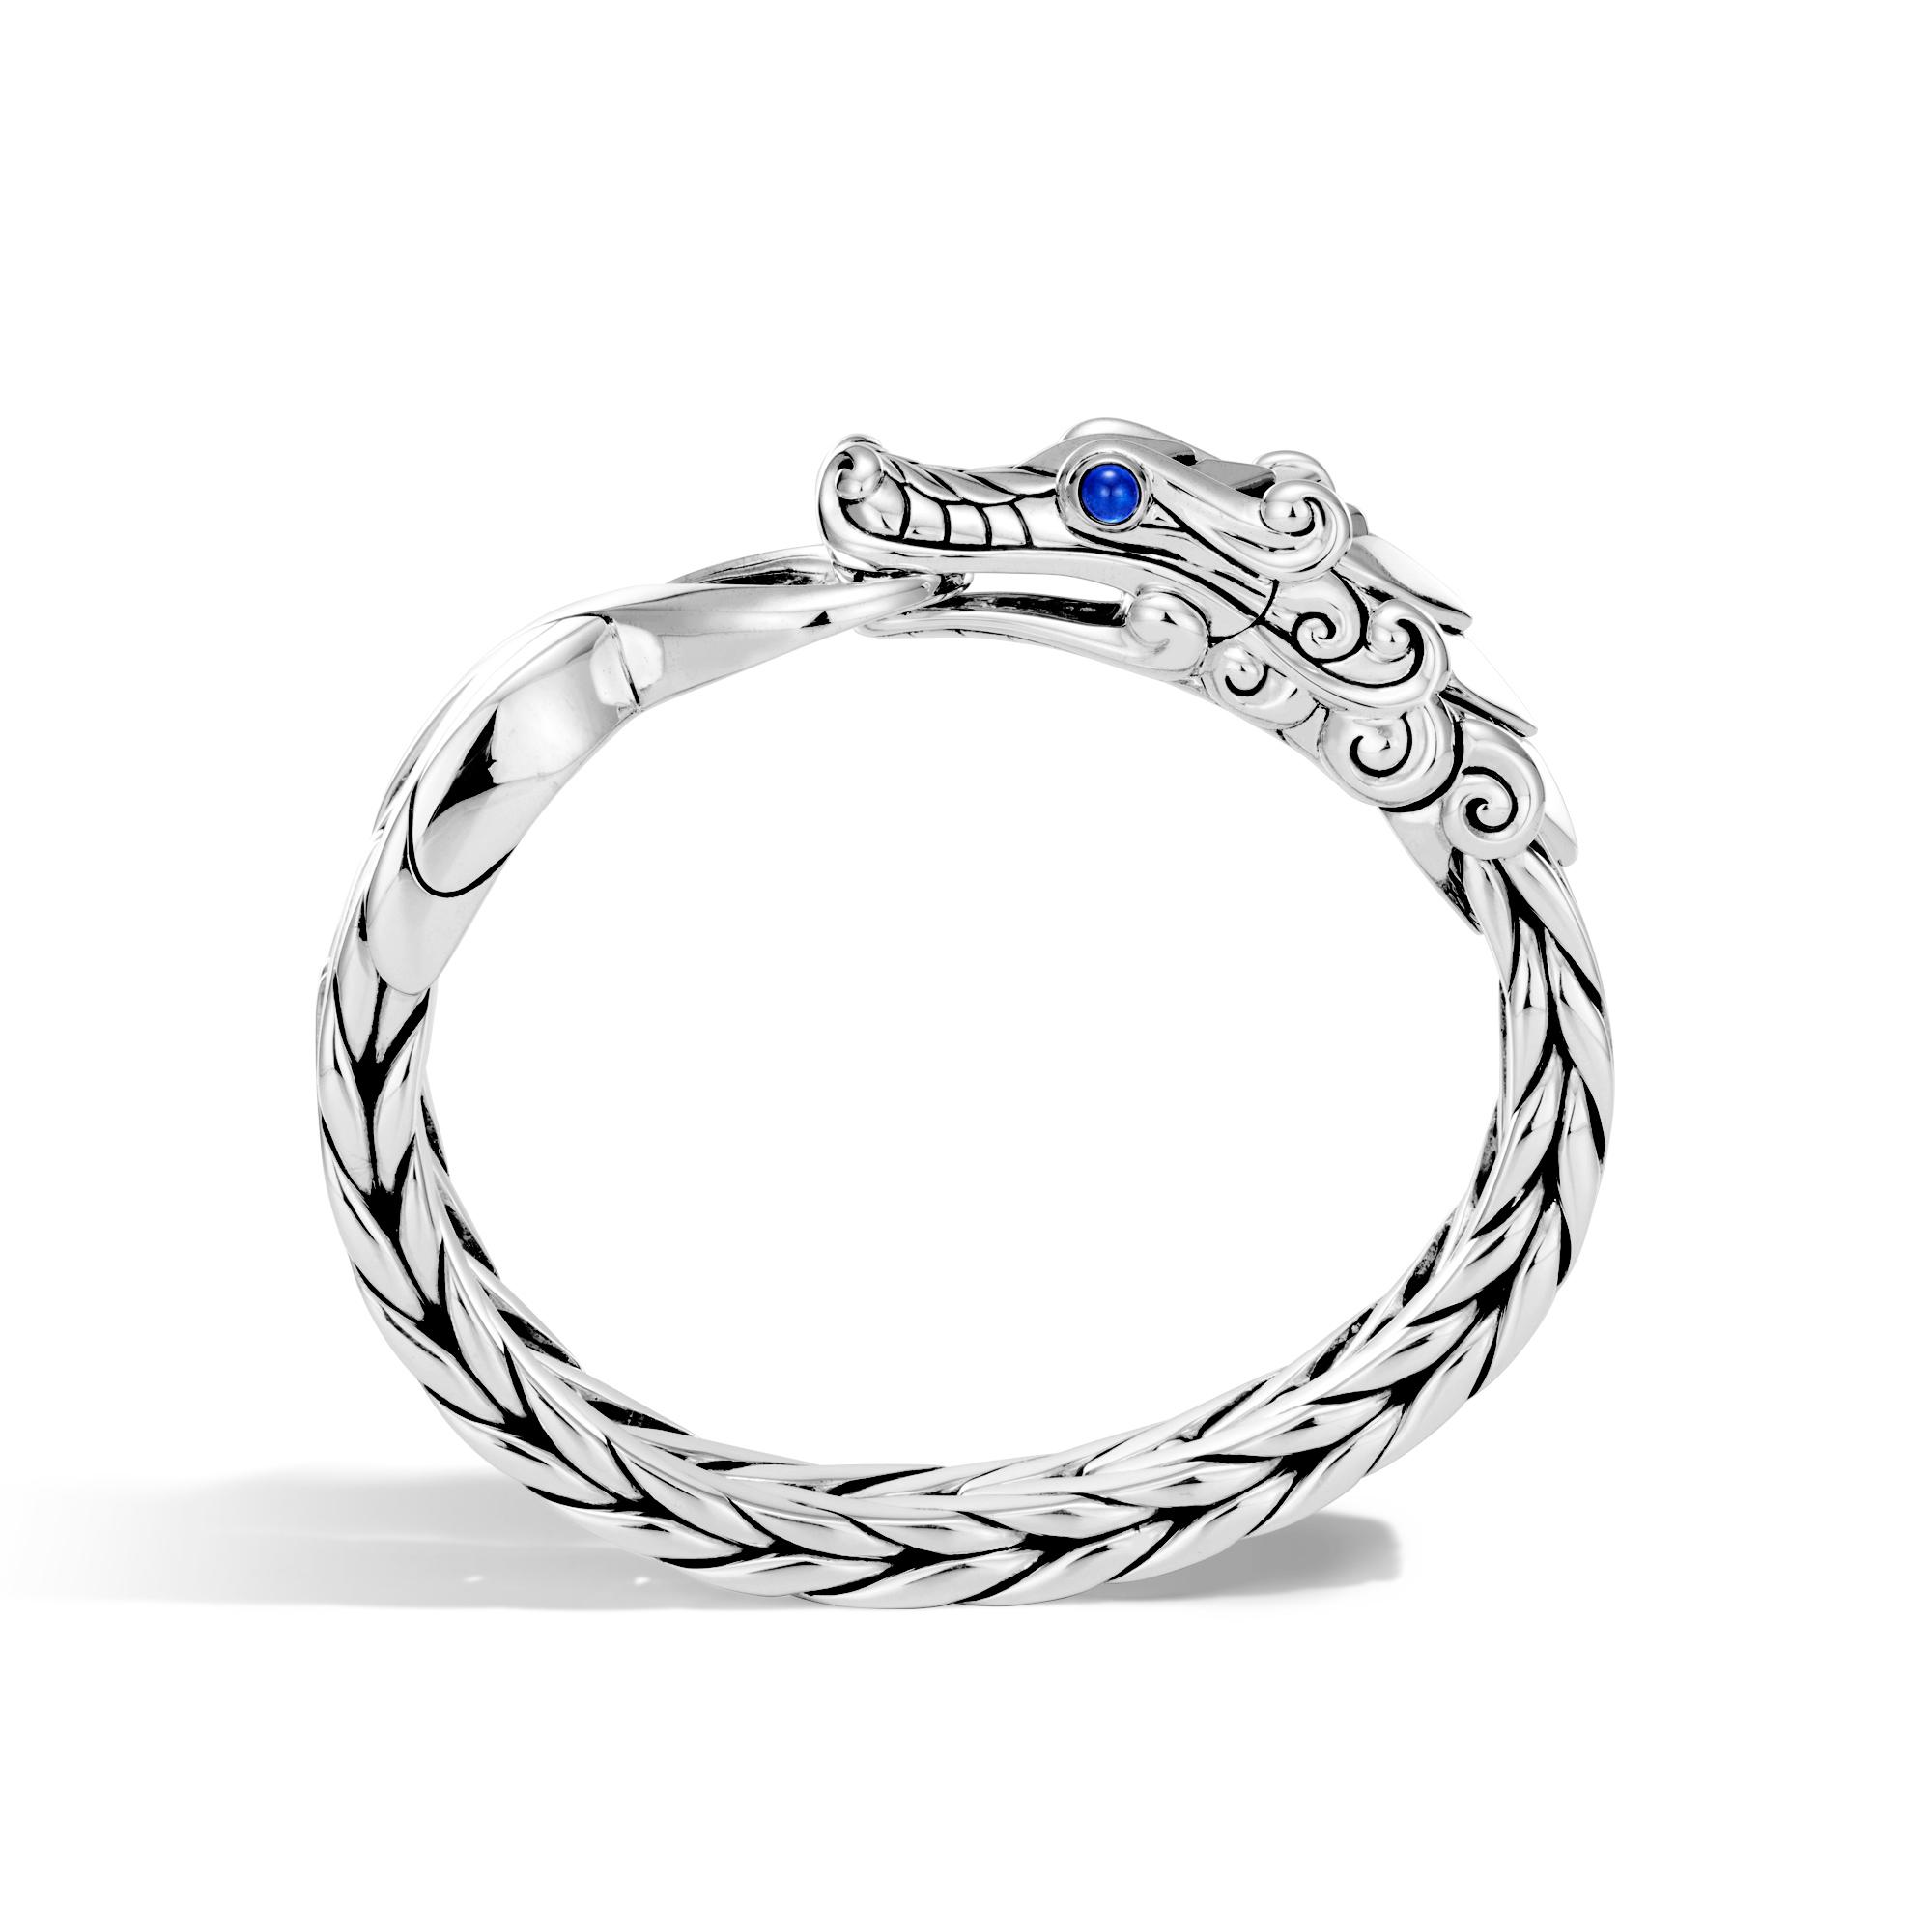 Legends Naga 16MM Station Bracelet in Silver, Blue Sapphire, large